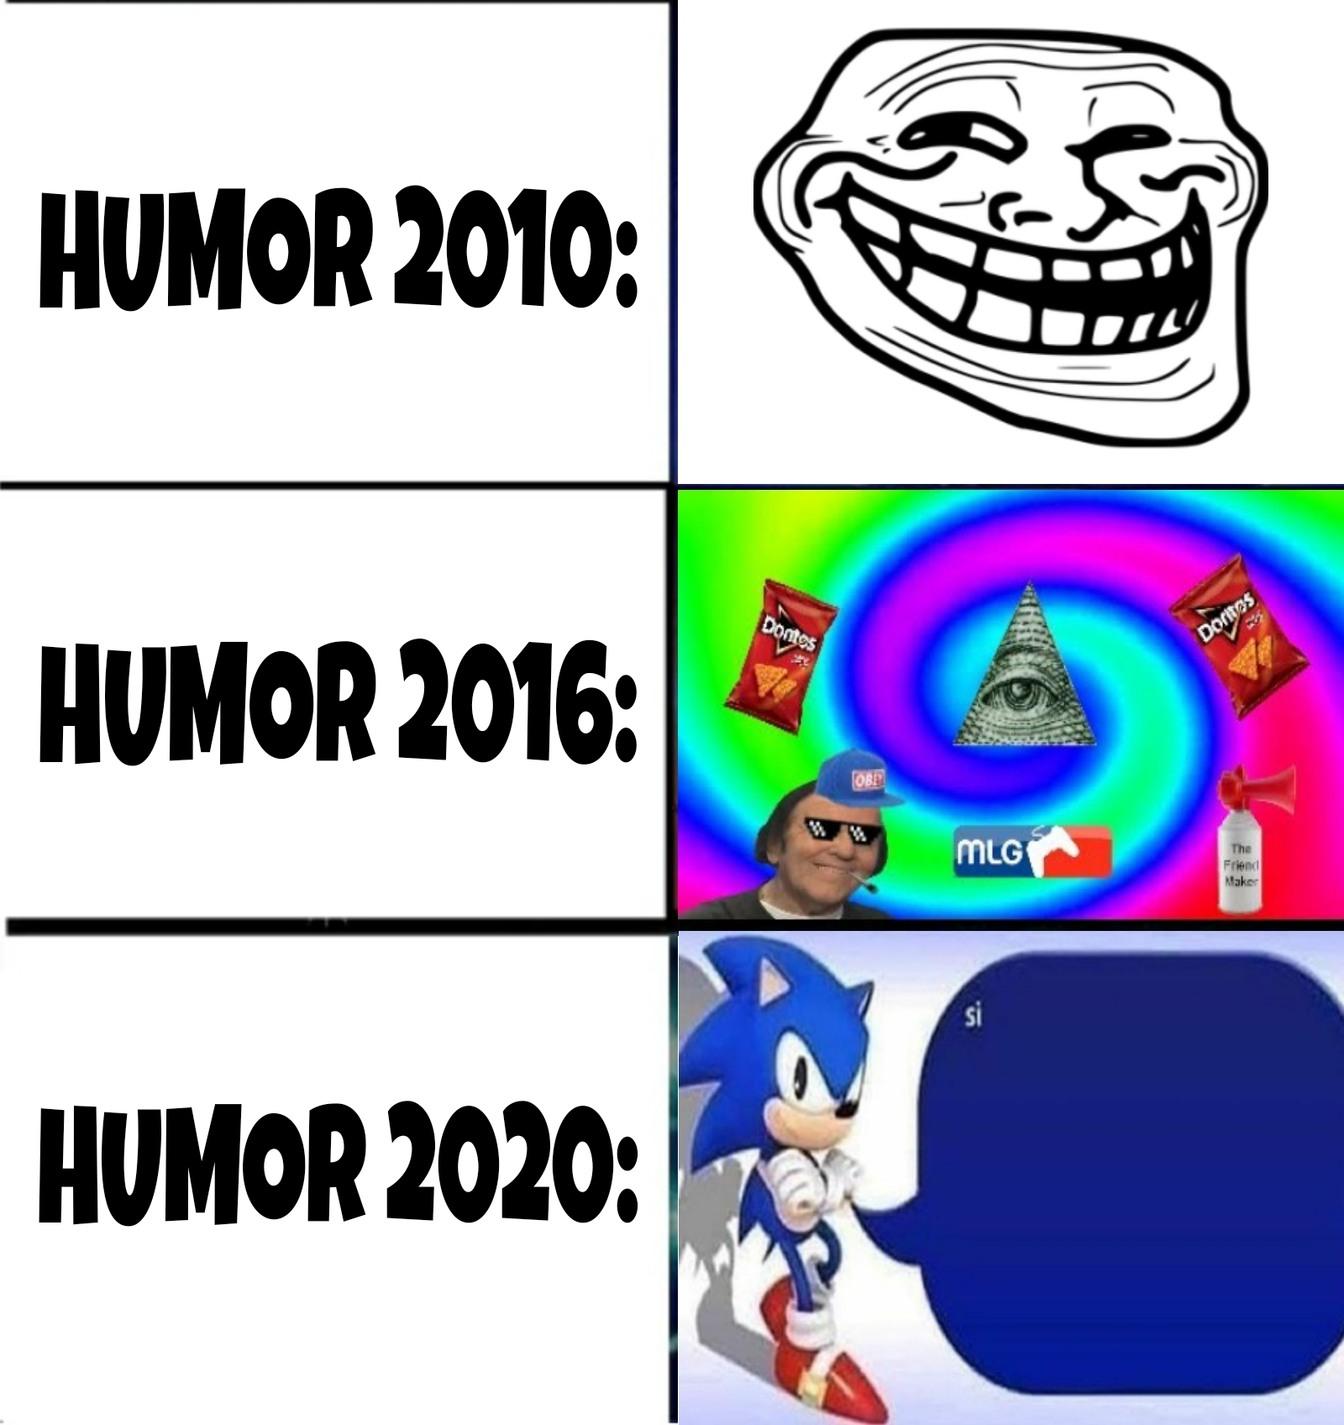 La evolución de los memes XD, no me imagino cómo será en 2050